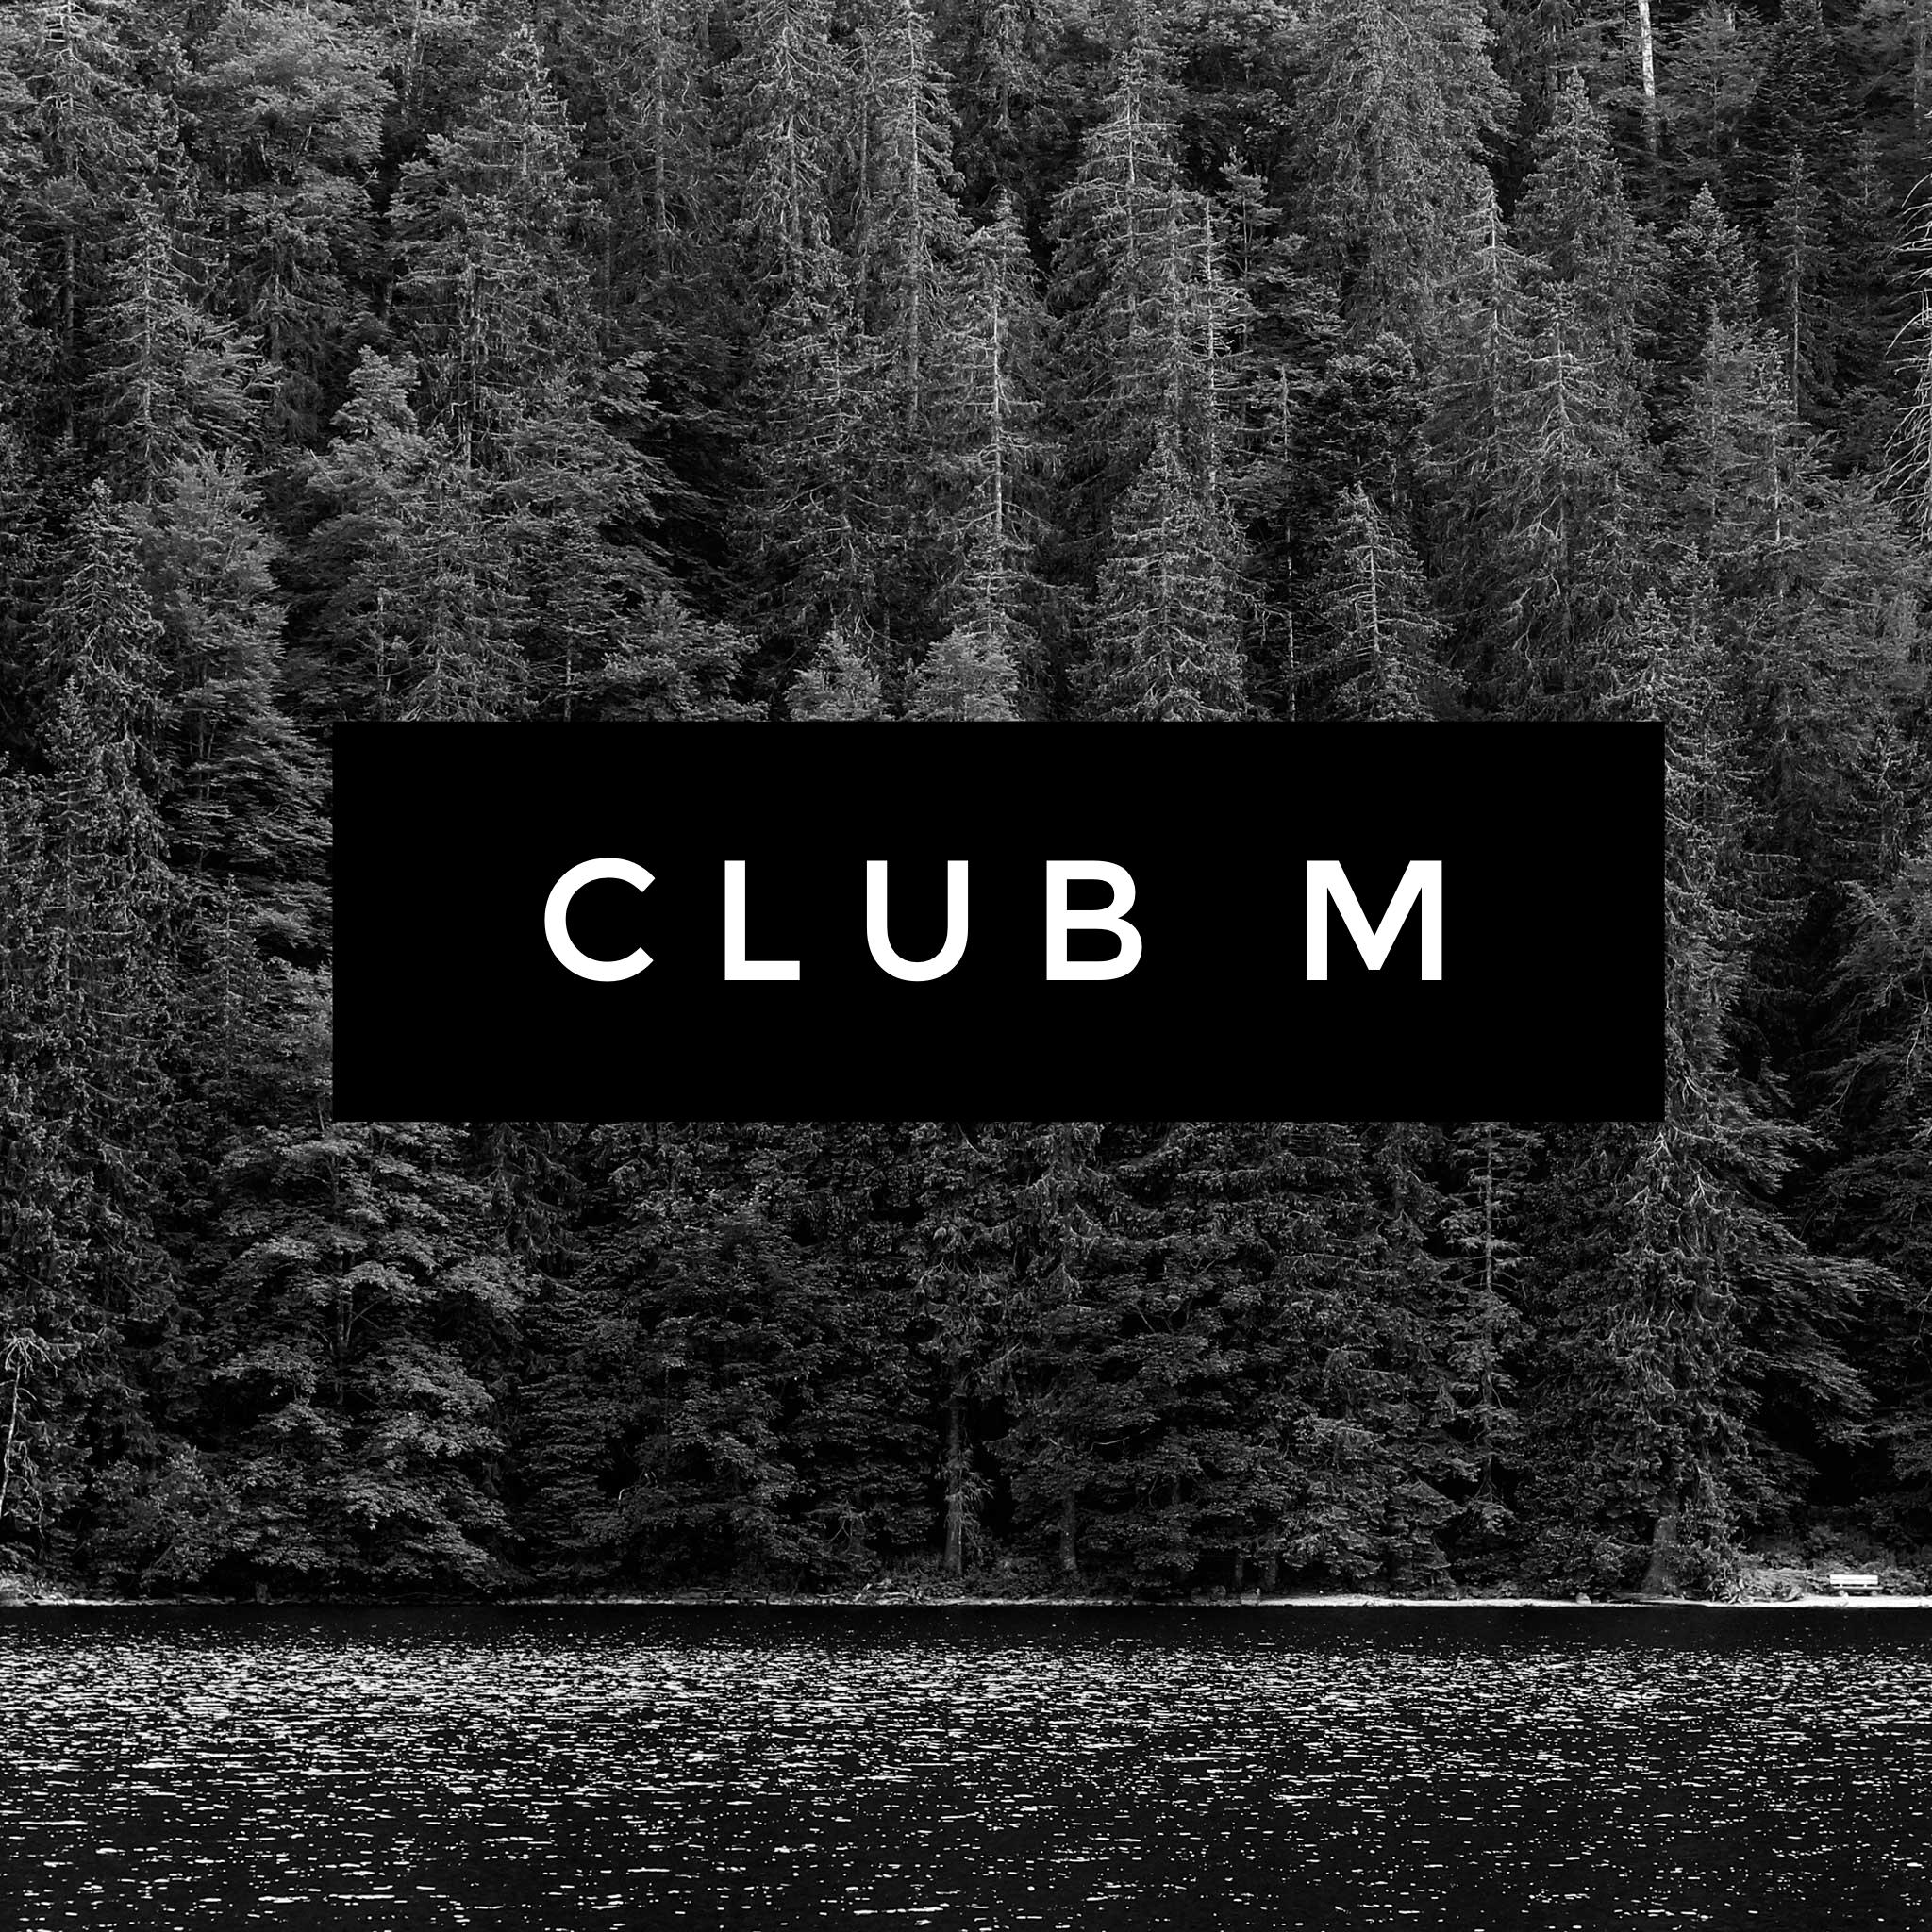 https://joinclubm.com/about/